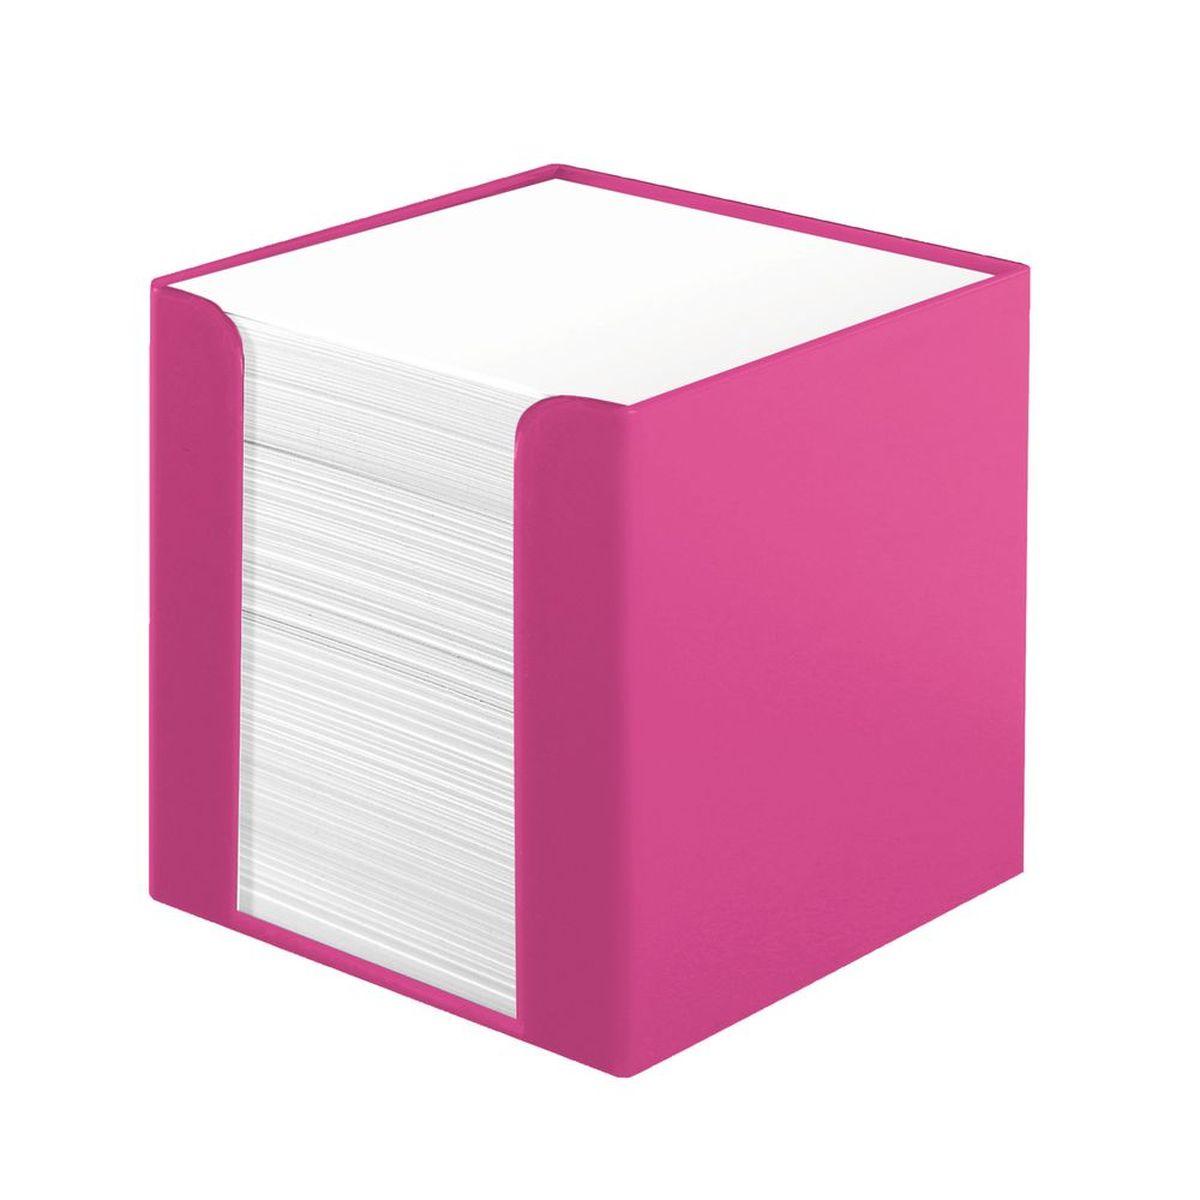 Herlitz Бумага для заметок Colour Blocking цвет подставки розовый11365038Бумага для заметок Herlitz Сolour Blocking - это удобное и практическое решение для быстрой записи информации дома или на работе. Блок состоит из листов белой бумаги и находится в пластиковой подставке в виде куба, которая вмещает в себя 700 листов. Игривый розовый цвет - по-настоящему яркое зрелище, способное всполошить дерзкими расцветками размеренность повседневности.